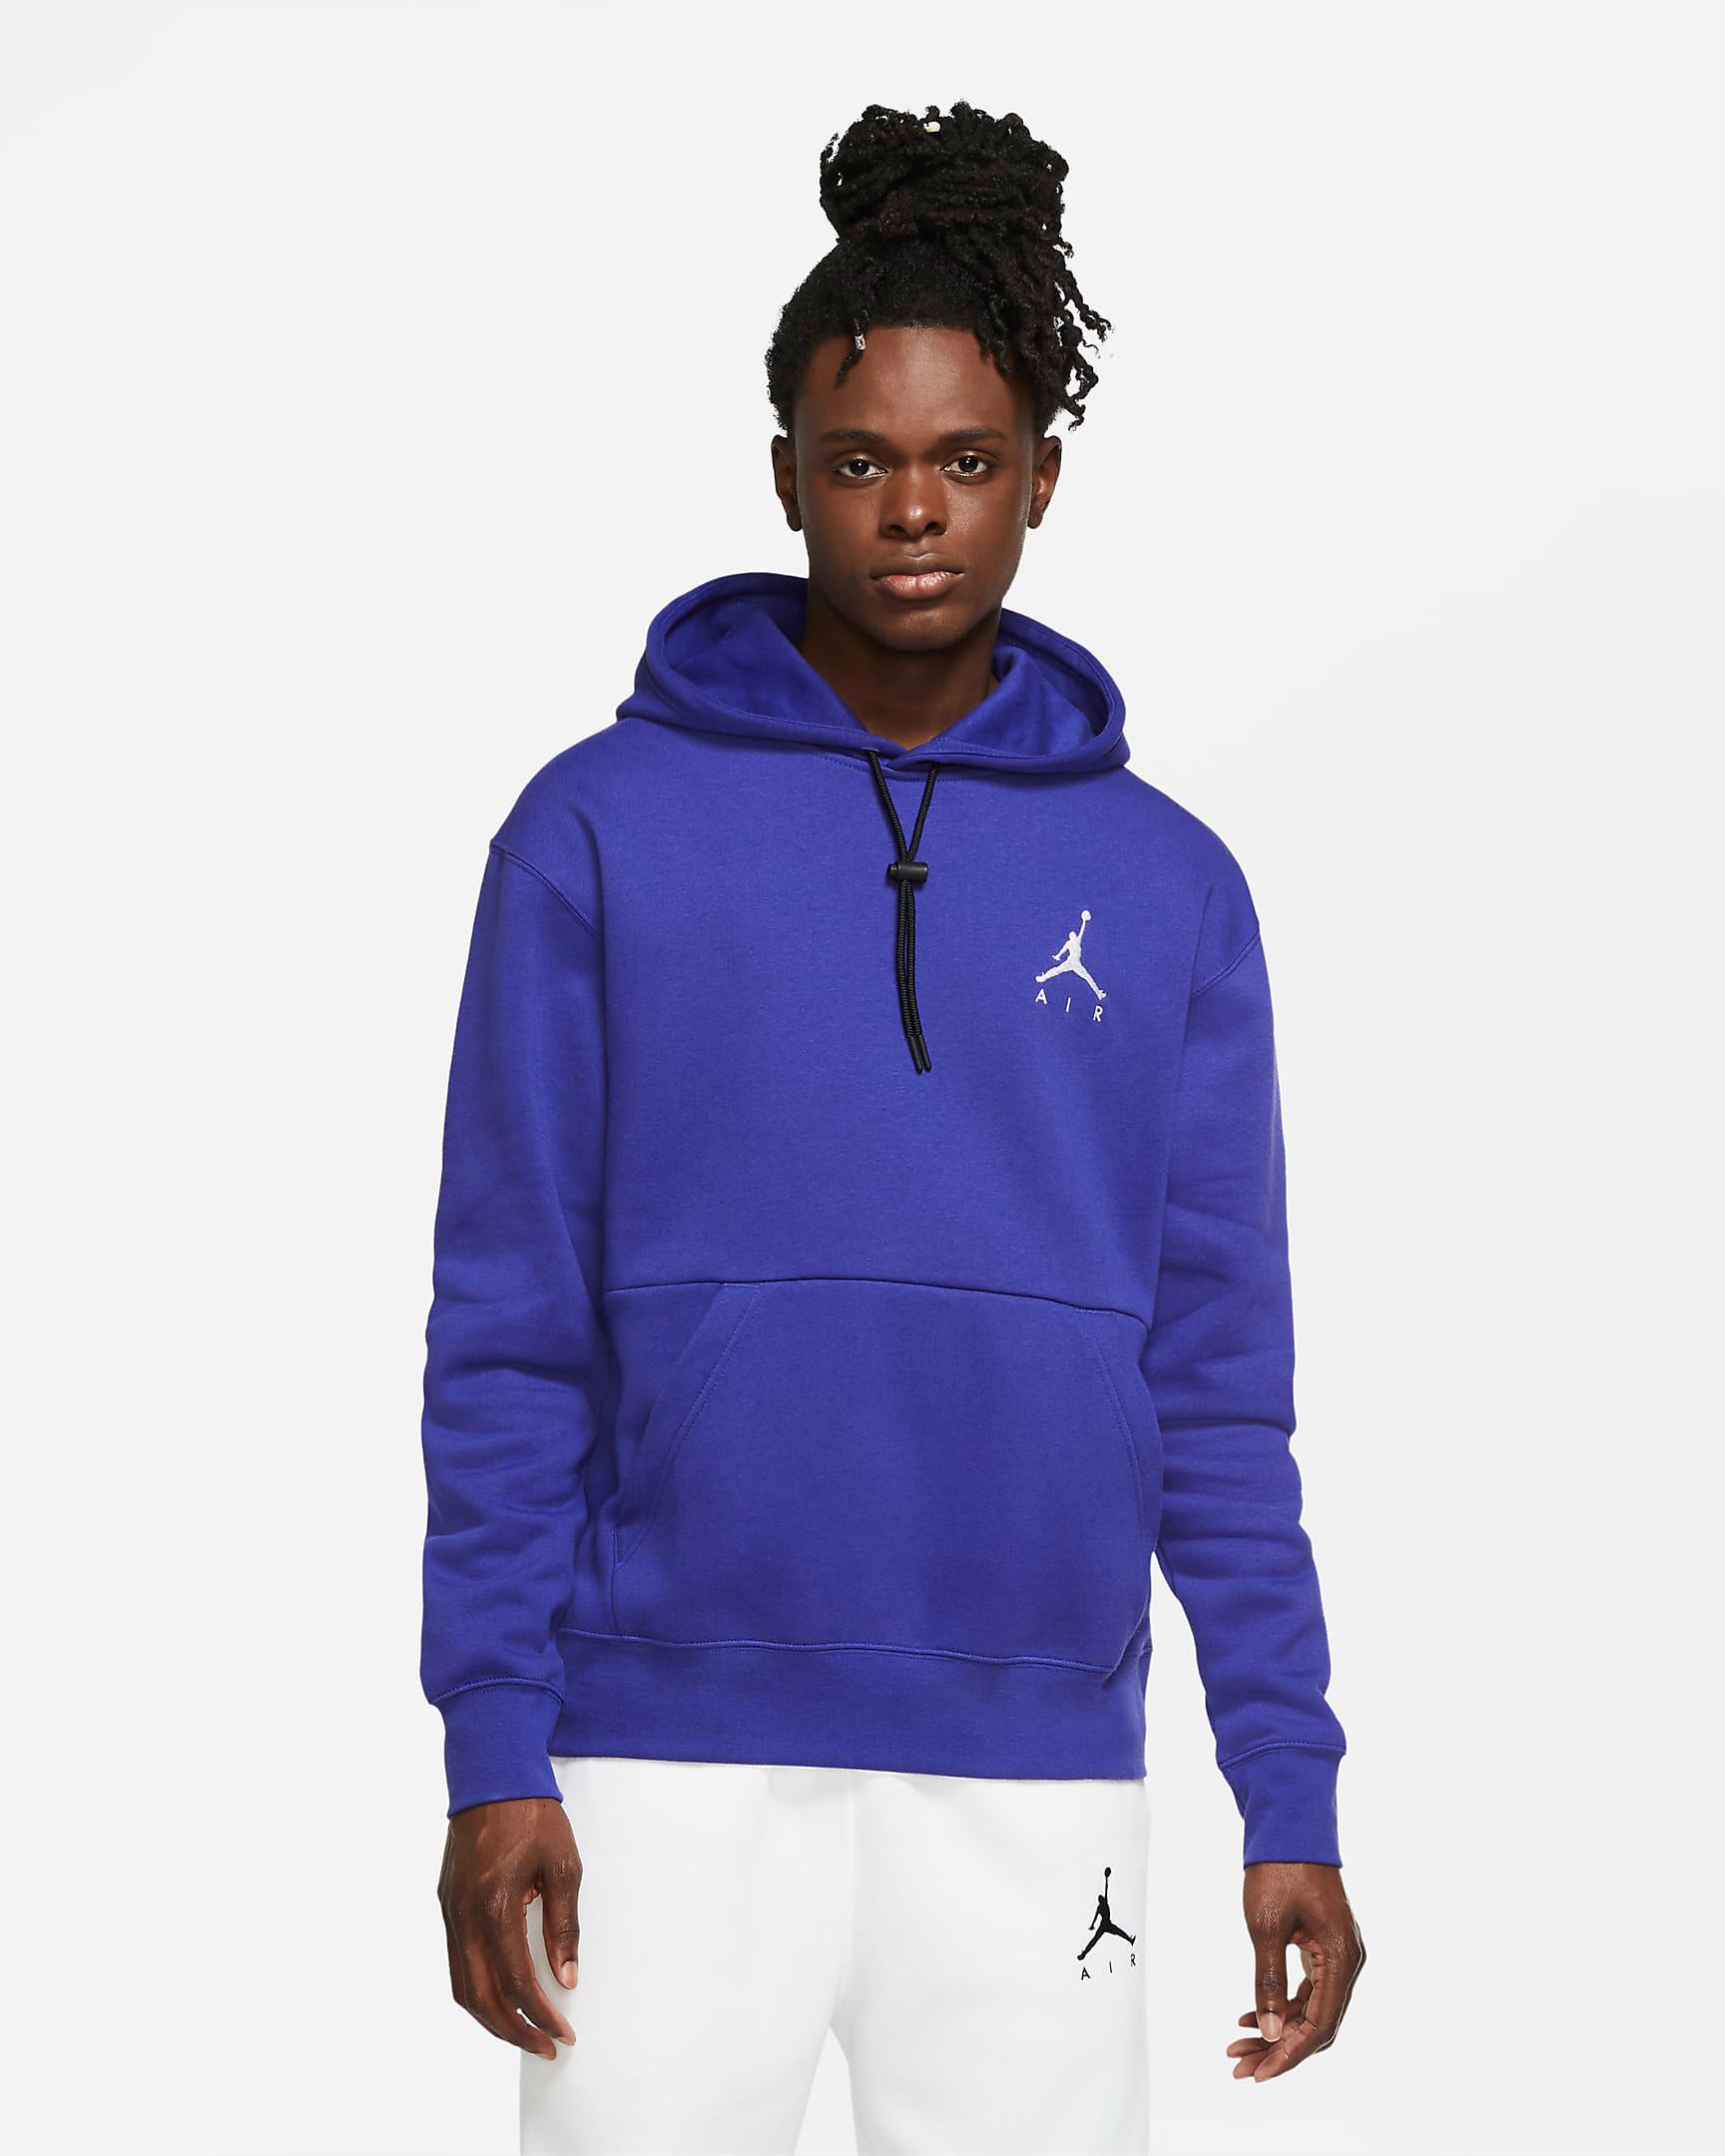 jordan-12-dark-concord-hoodie-2